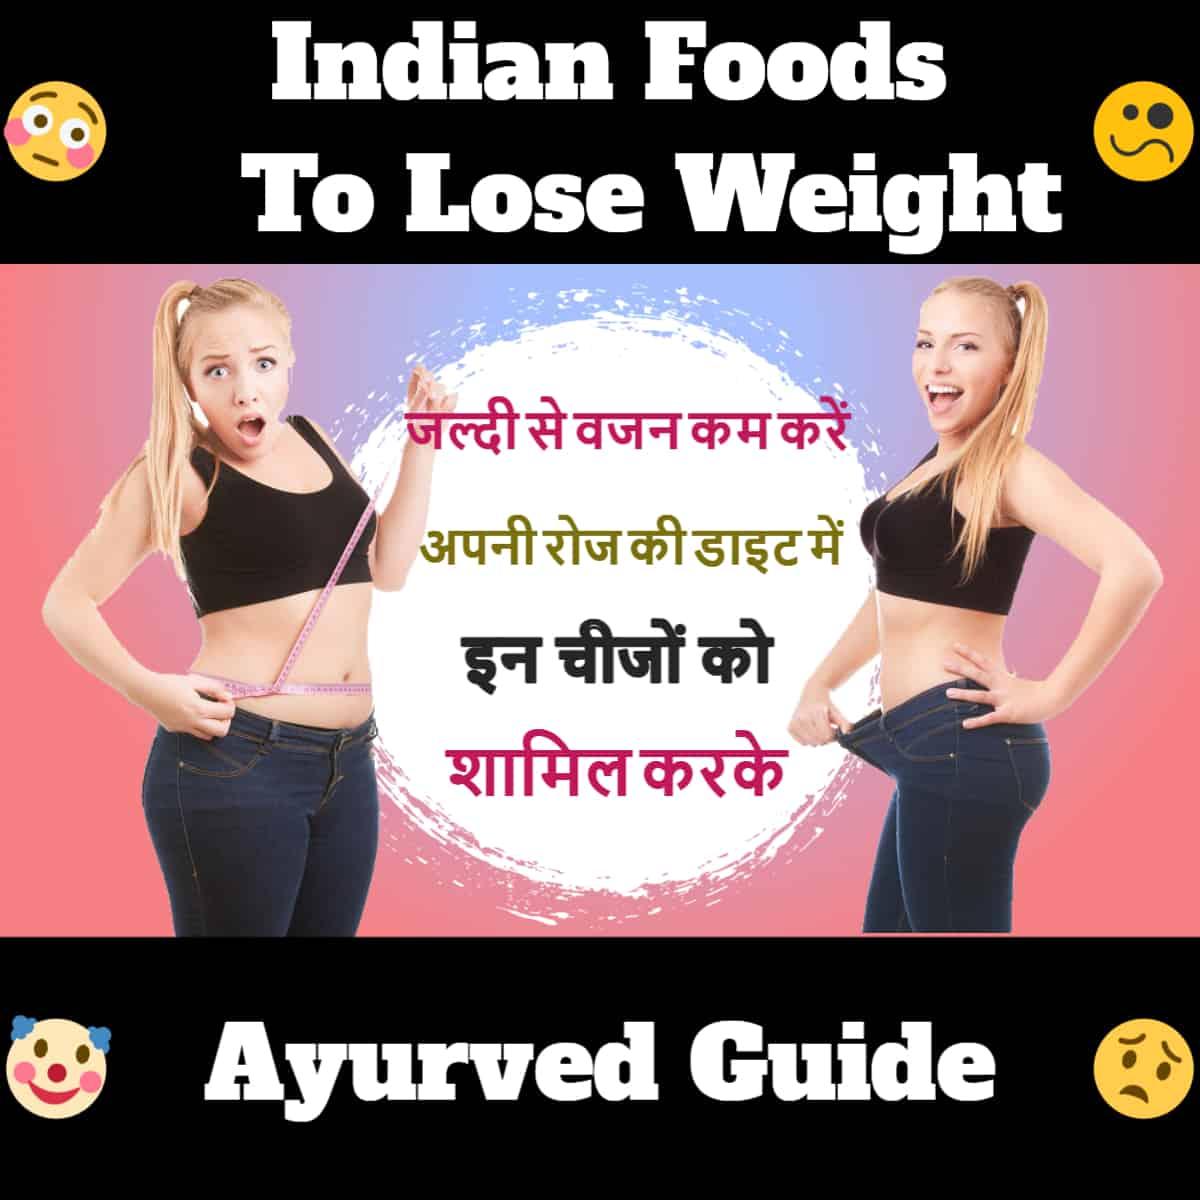 जल्दी से वजन कम करें इन चीजों को अपनी रोज की डाइट में शामिल करके - Indian Foods to Lose Weight